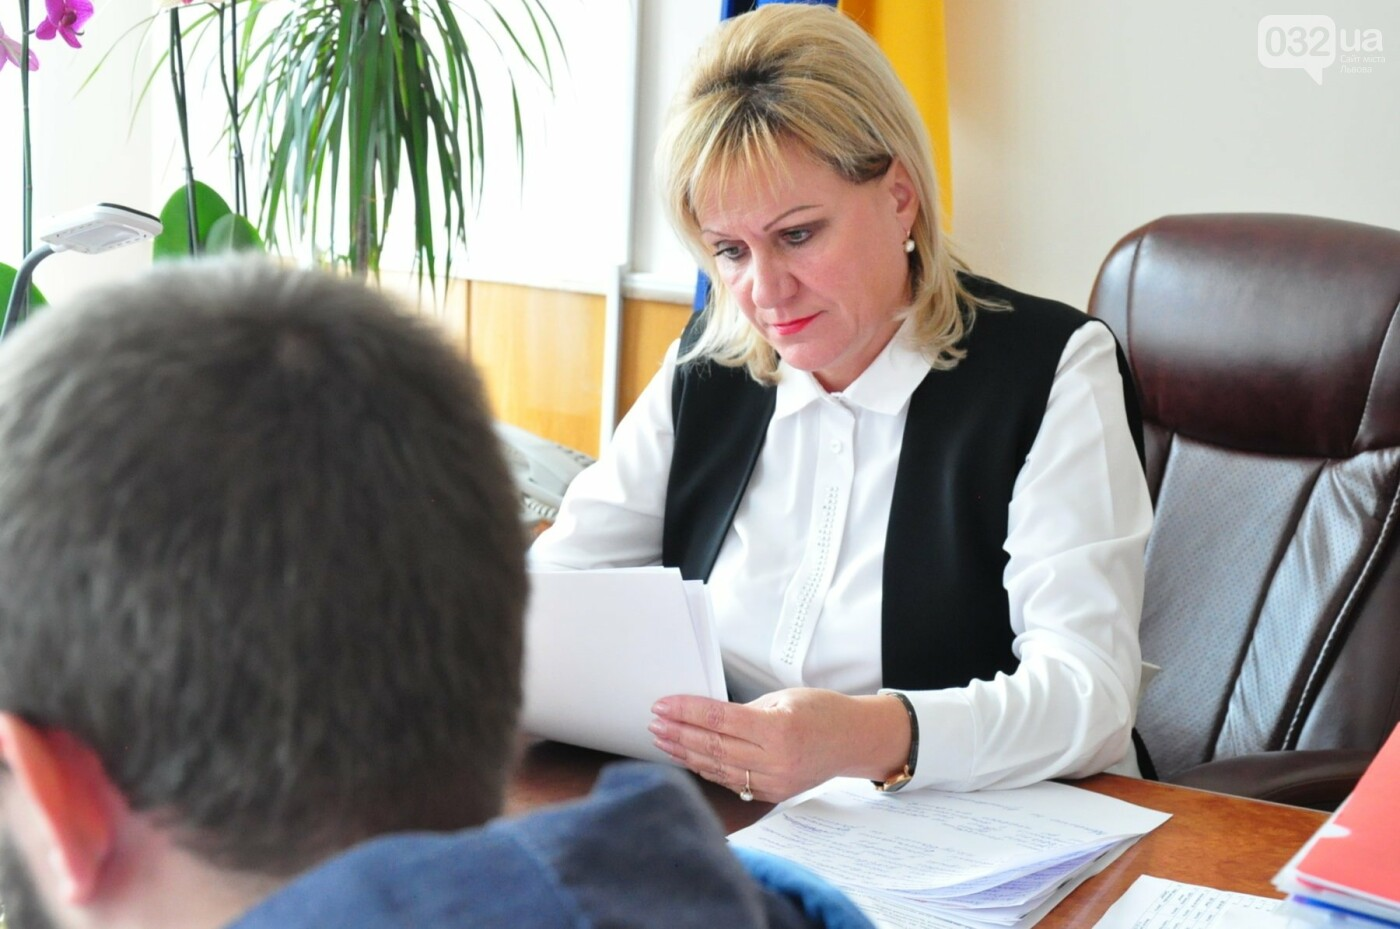 Керівник Залізничної РА Ірина Джурик - про життя району та плани на майбутнє, - ФОТО, фото-1